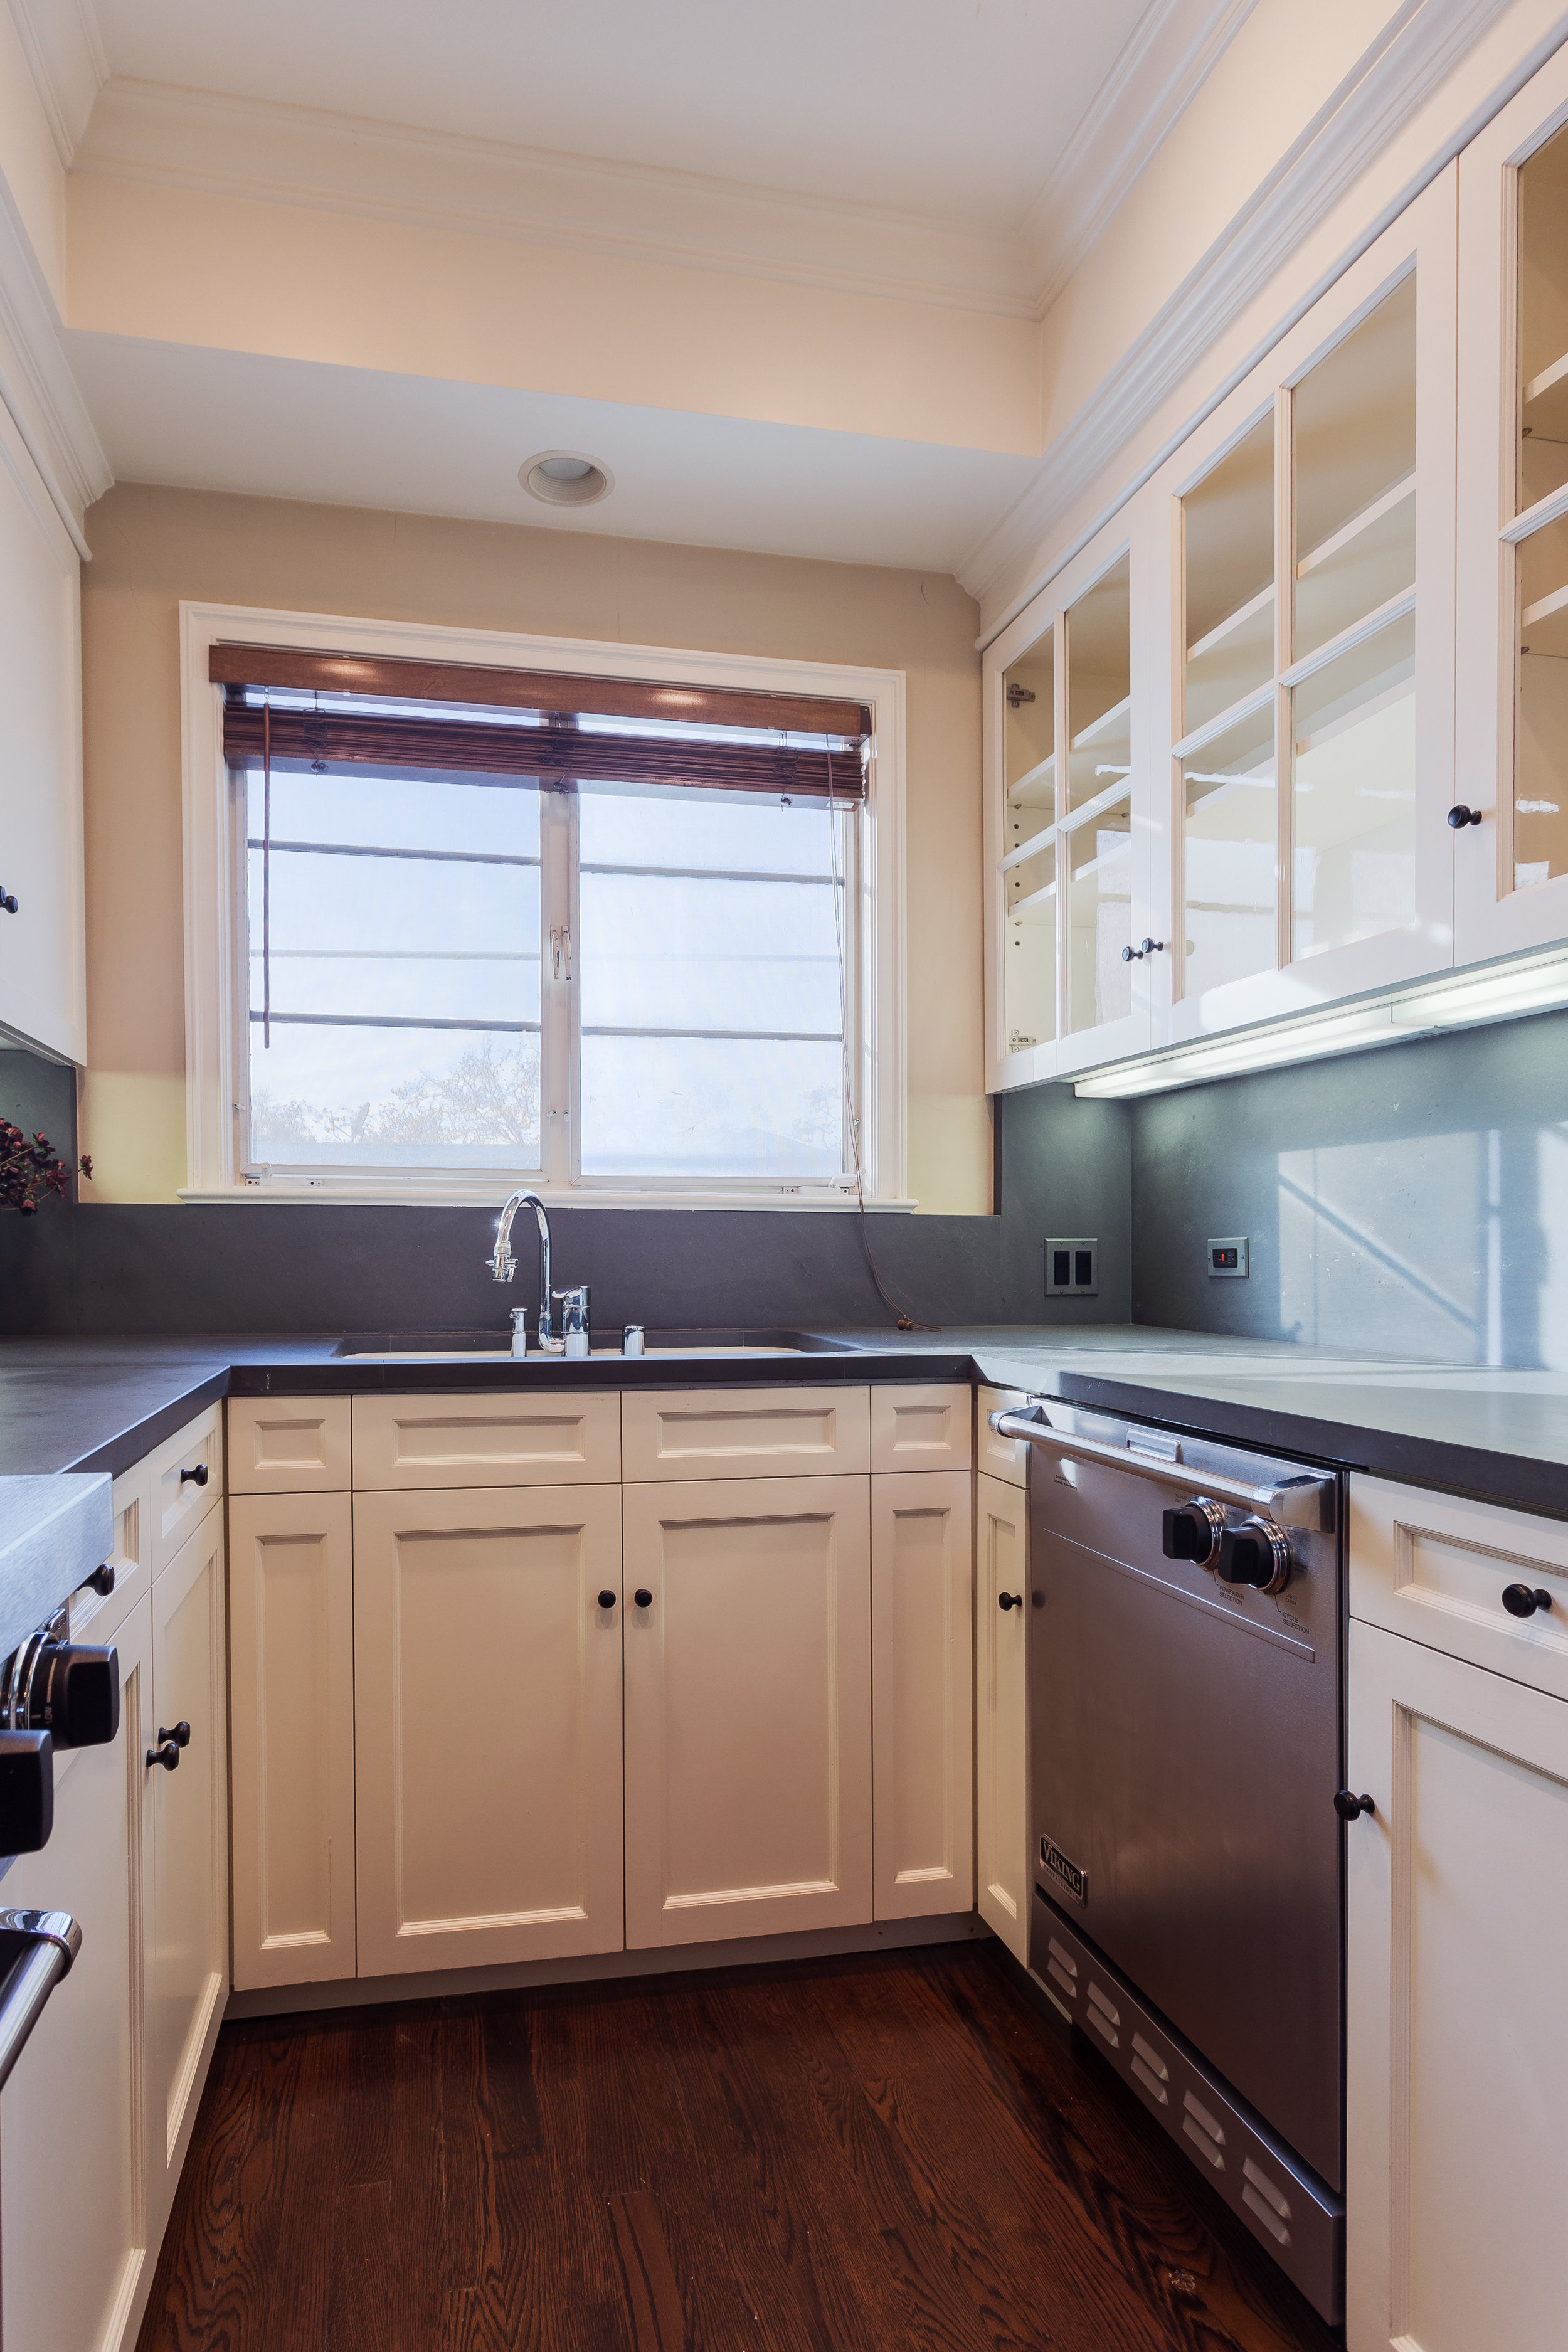 171208_Kitchen_03.jpg